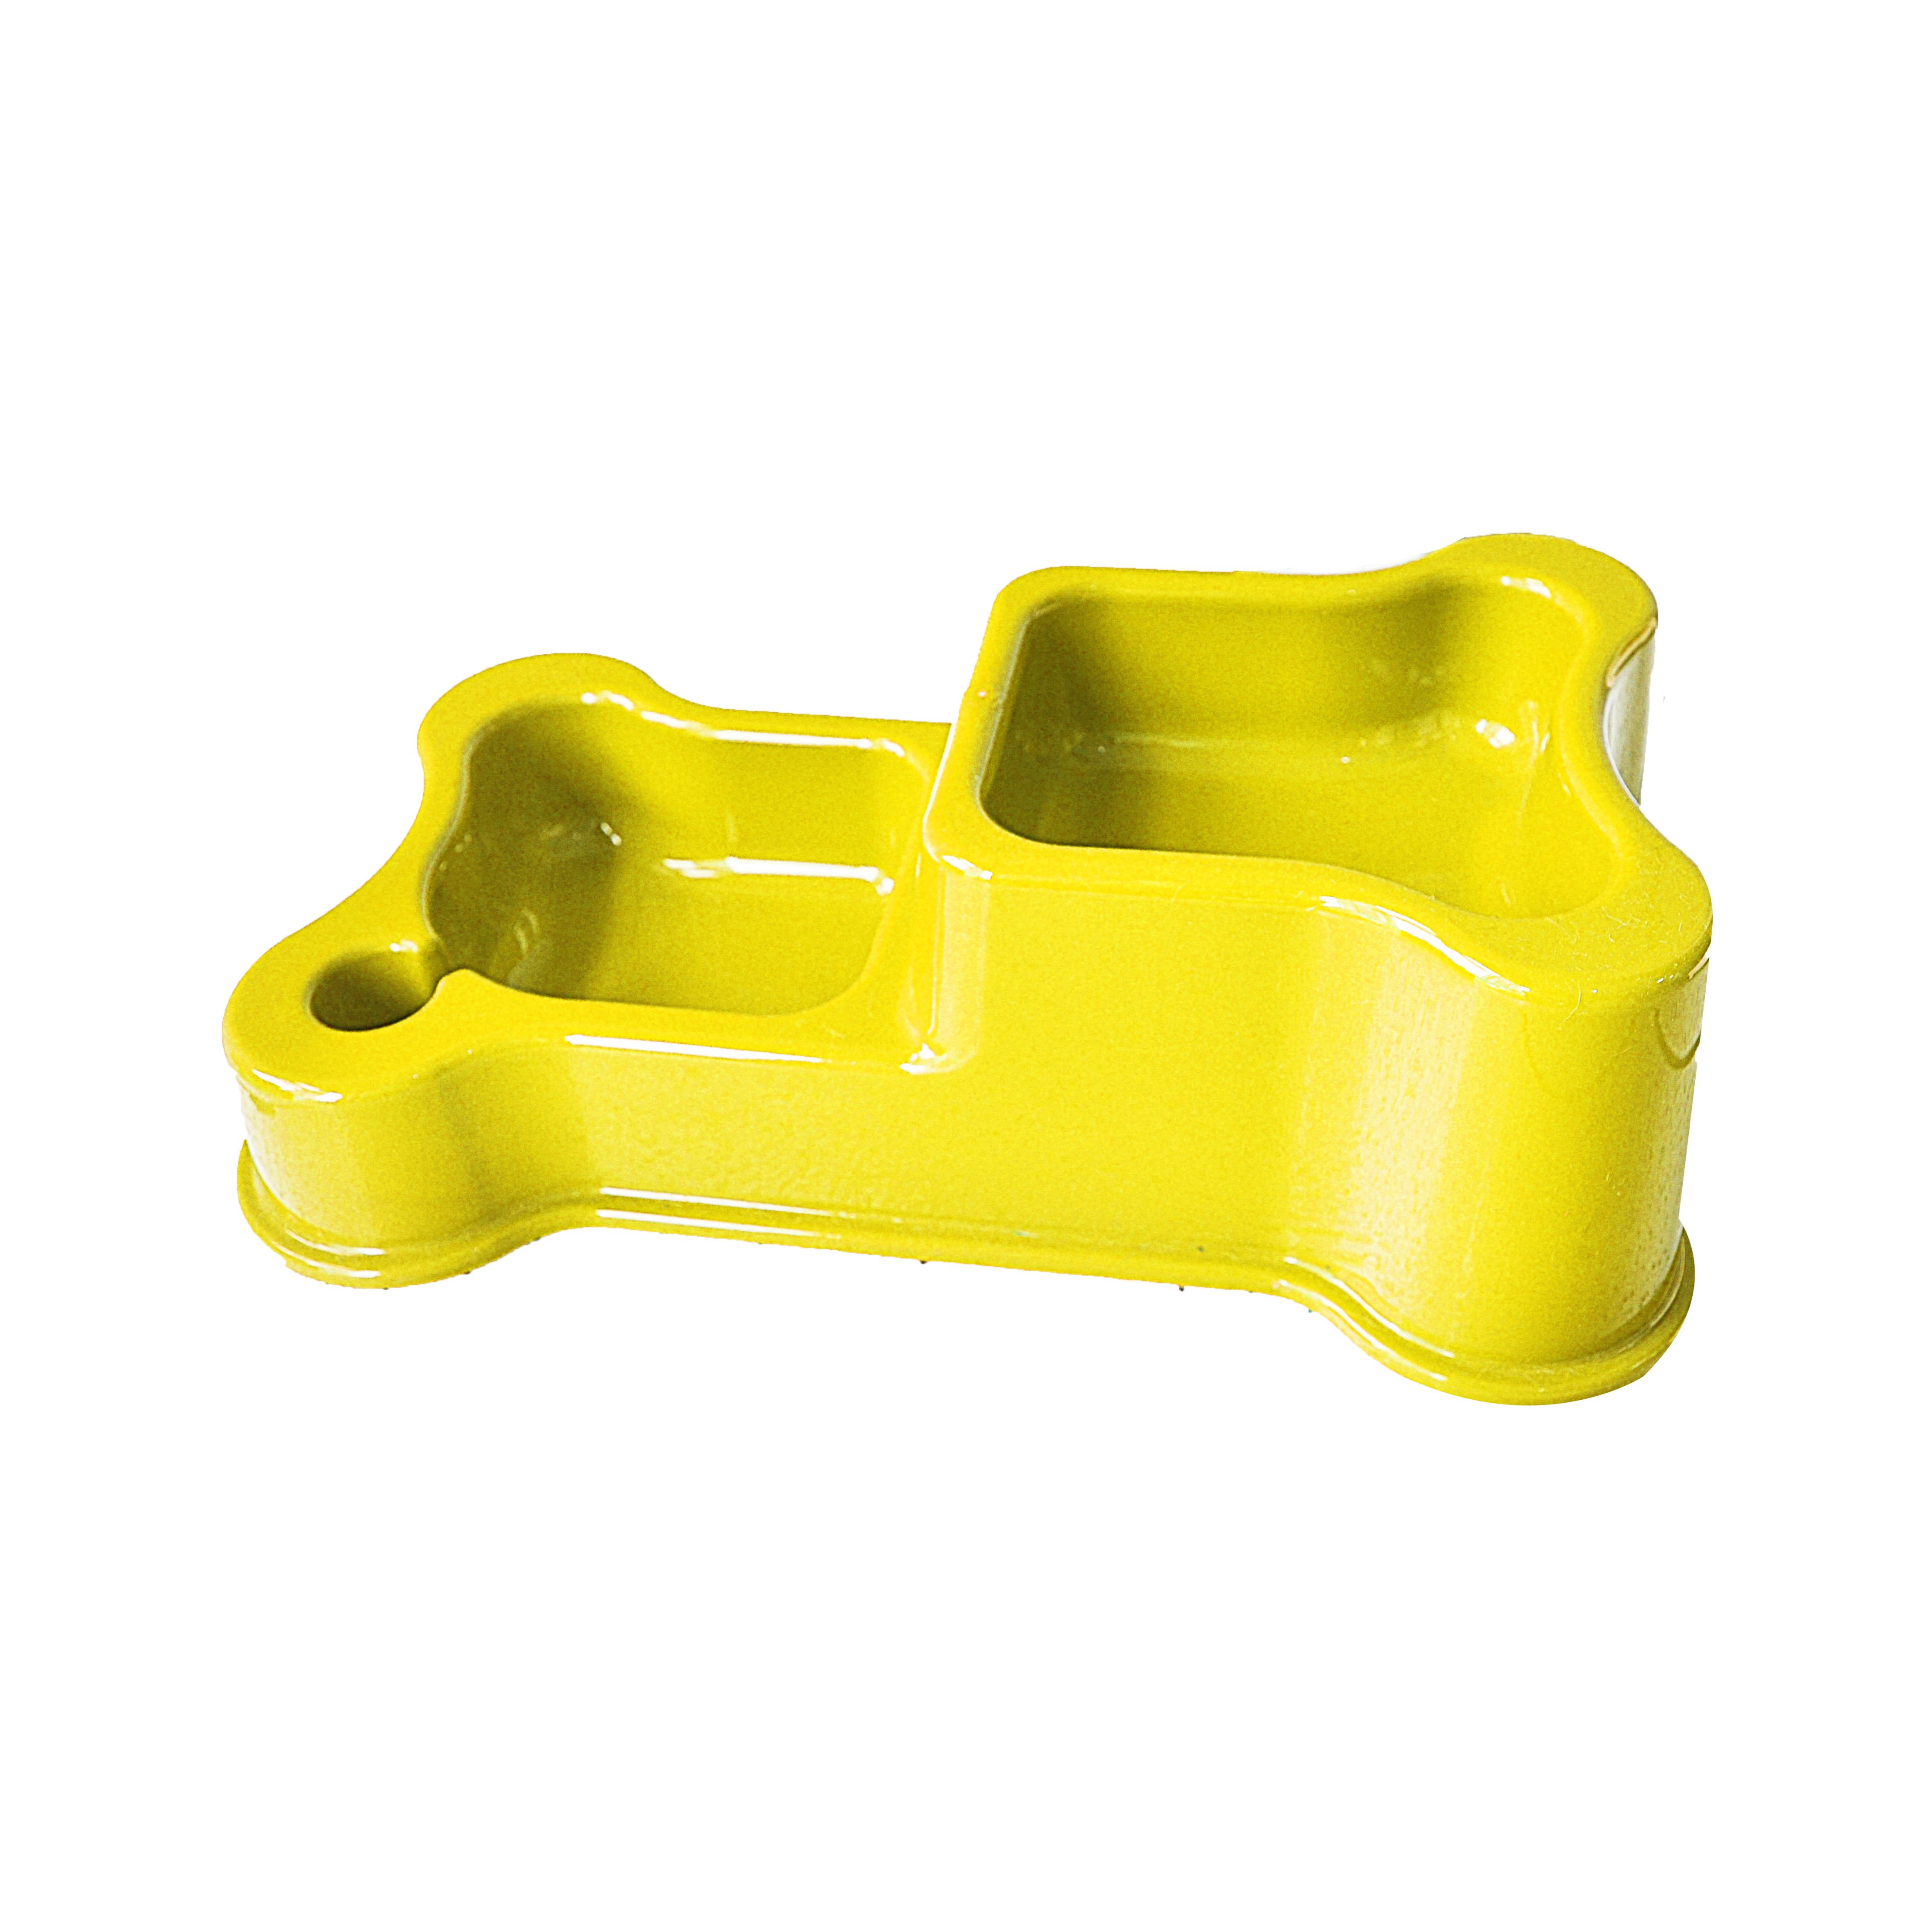 Comedouro e bebedouro duplo style yellow anti-formiga